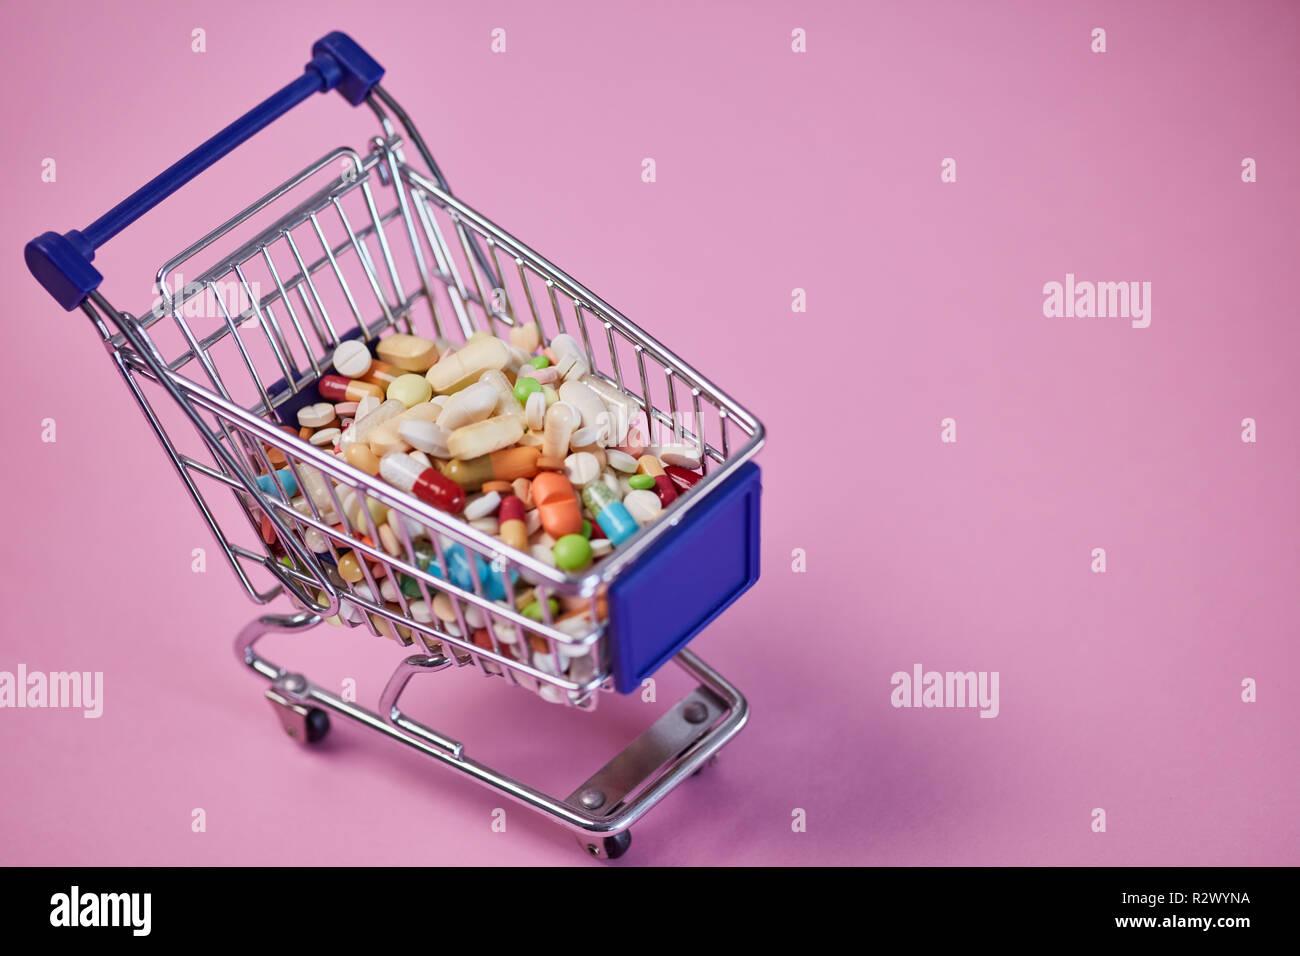 Comprar medicamentos en línea con el concepto de la medicina en un carrito de la compra Foto de stock